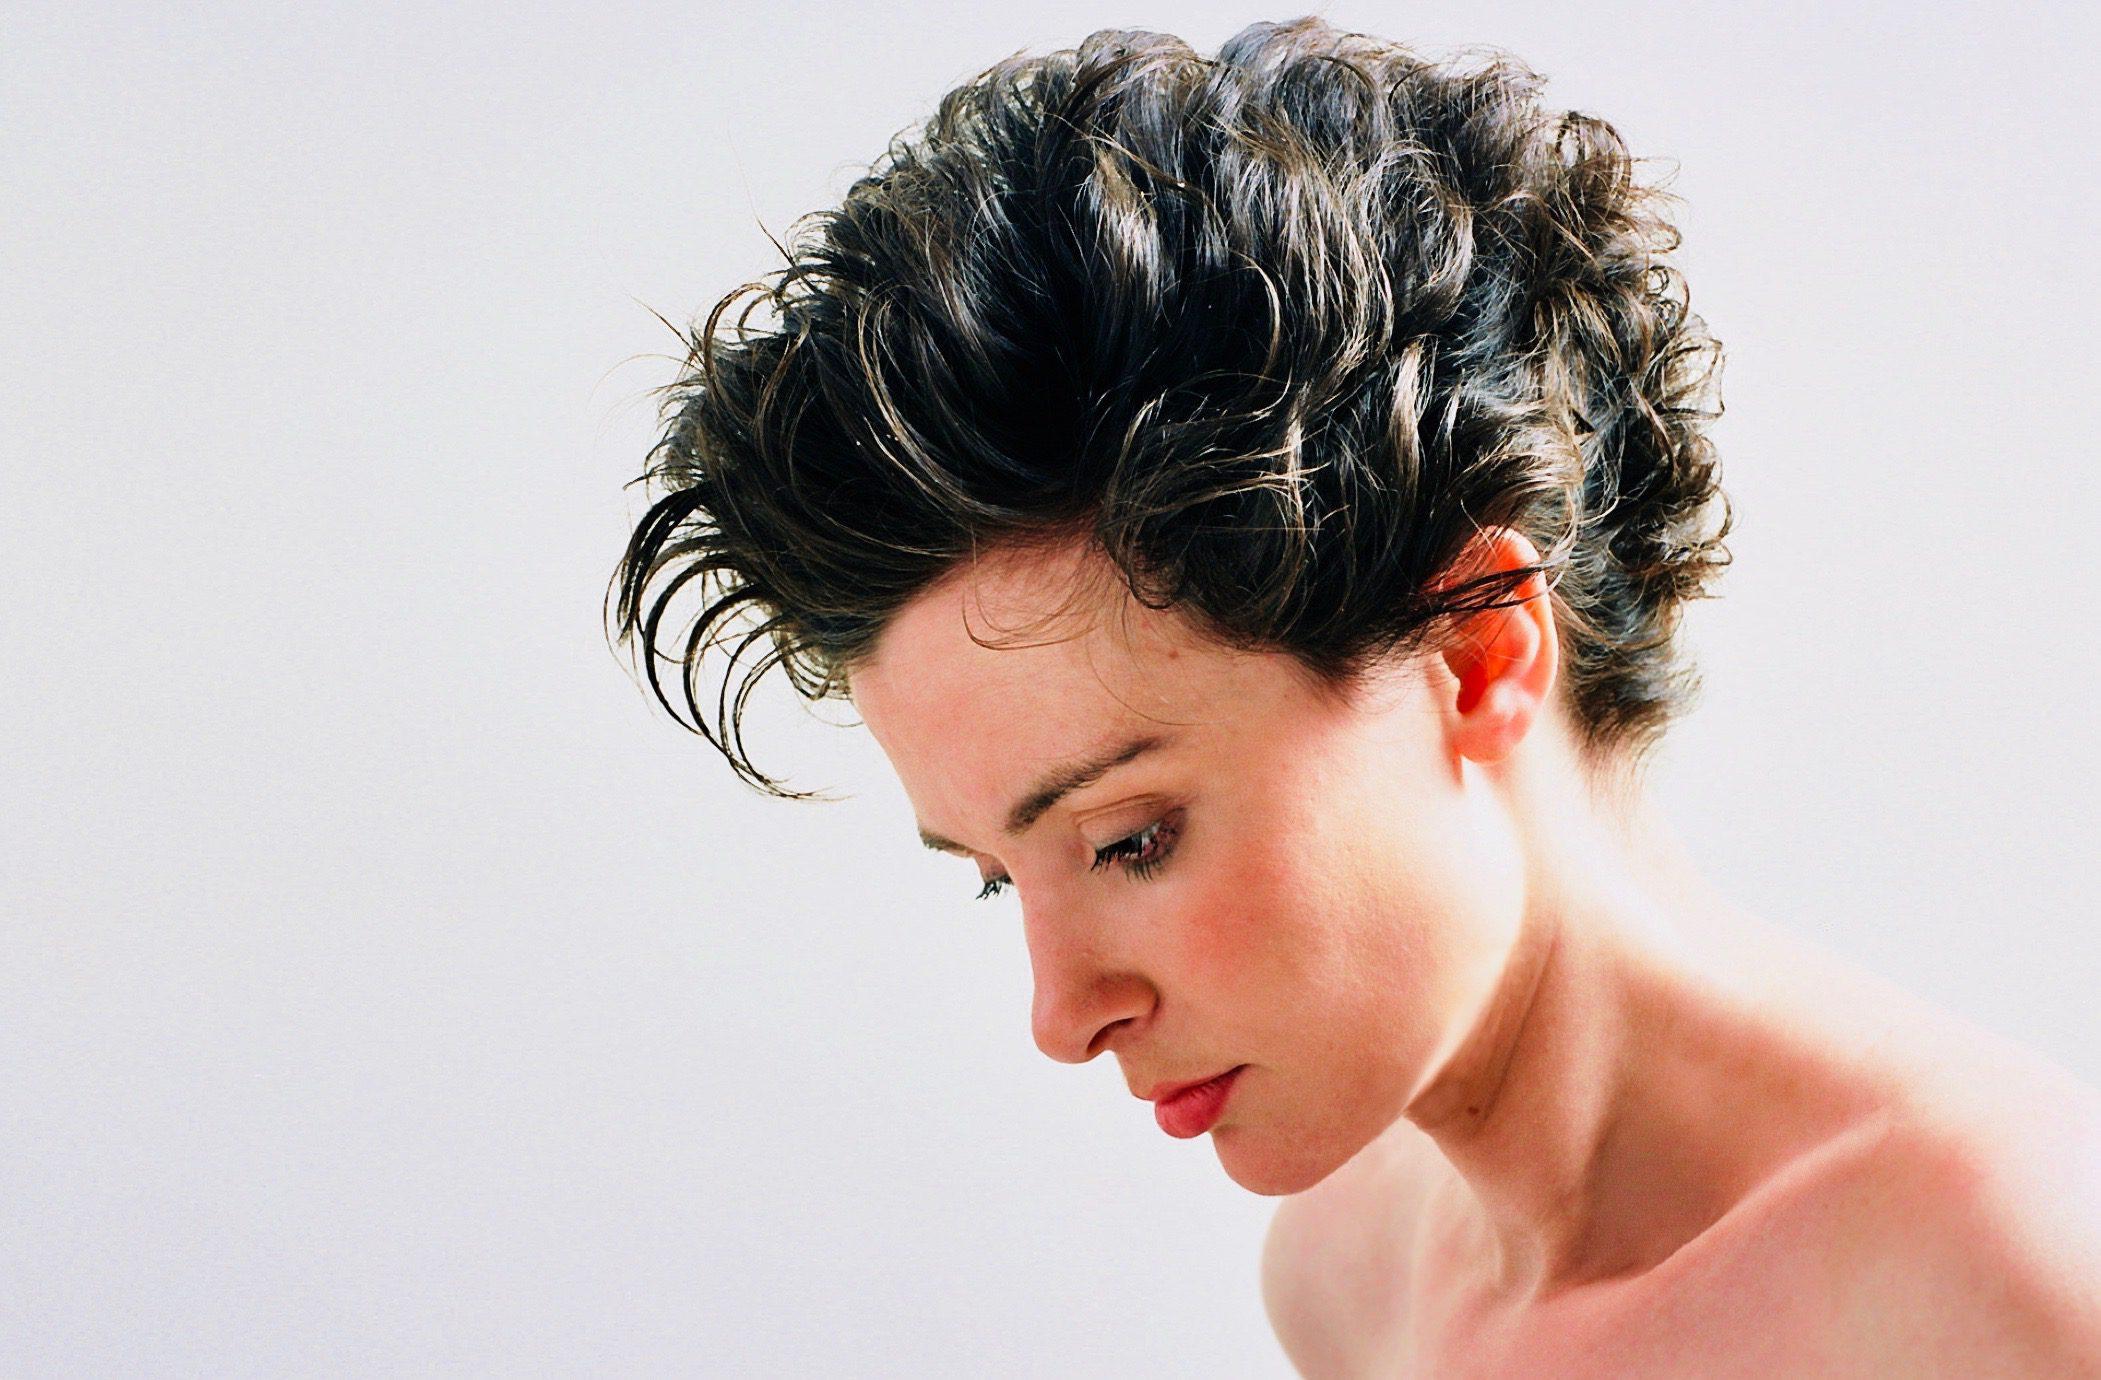 Good Habits for Healthy, Shiny Hair